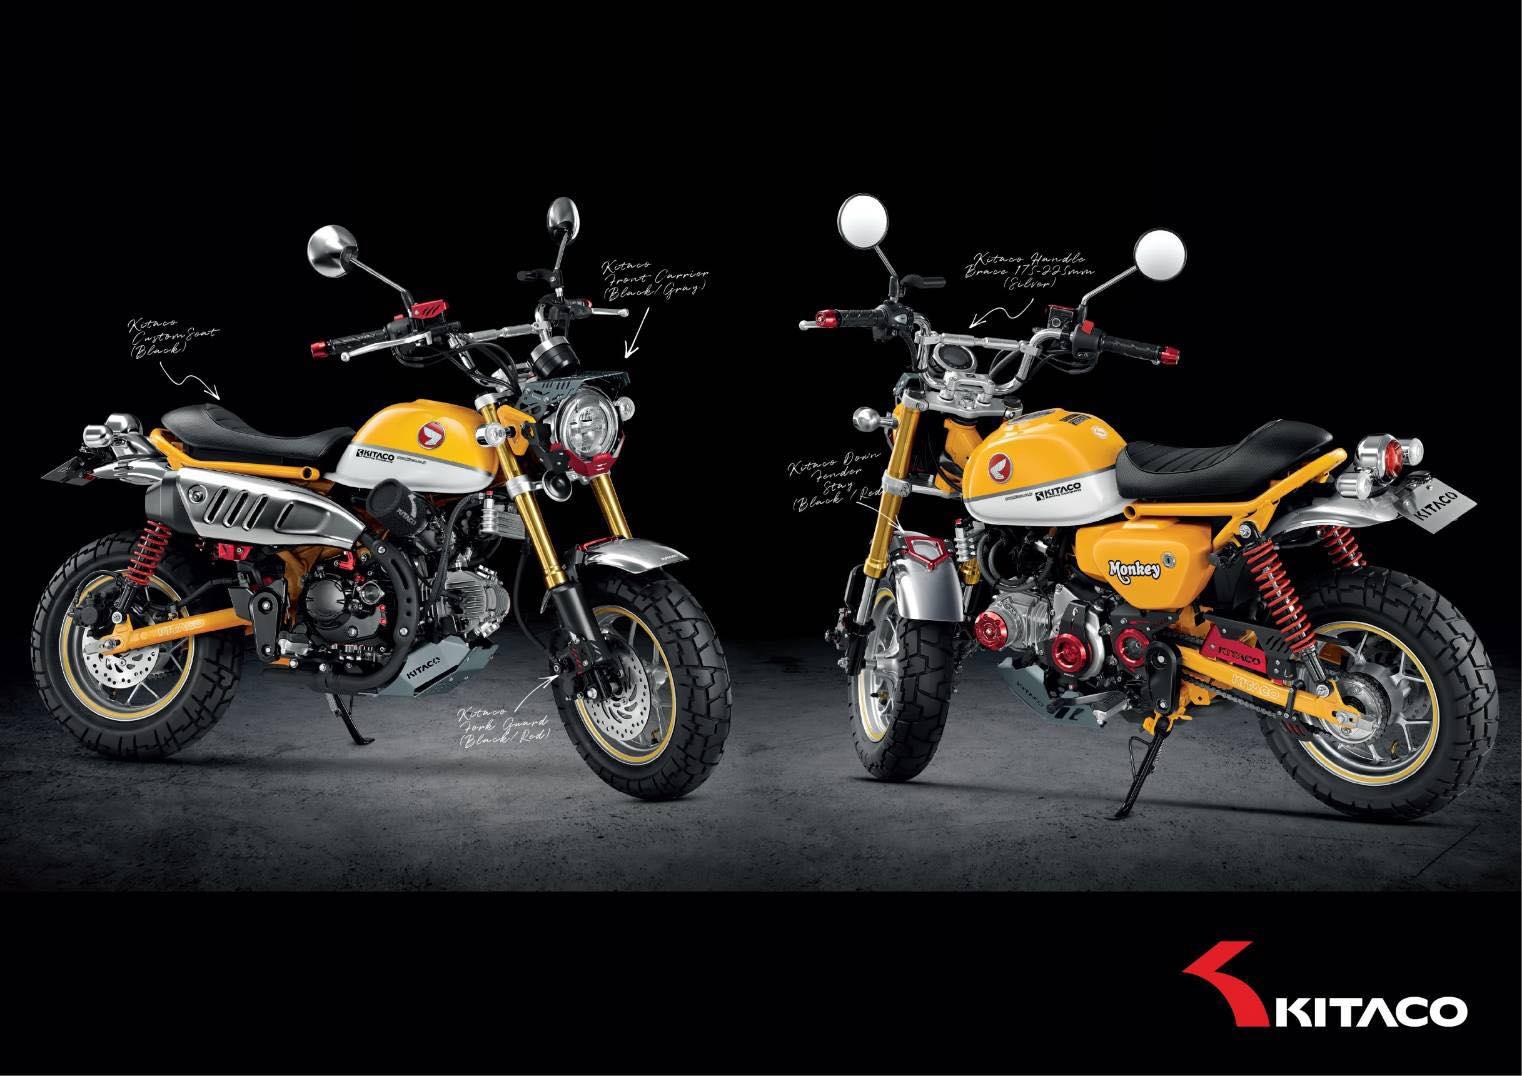 Des parts Kitaco pour le nouveau Honda Monkey 125 2018 ! - mini4temps.fr